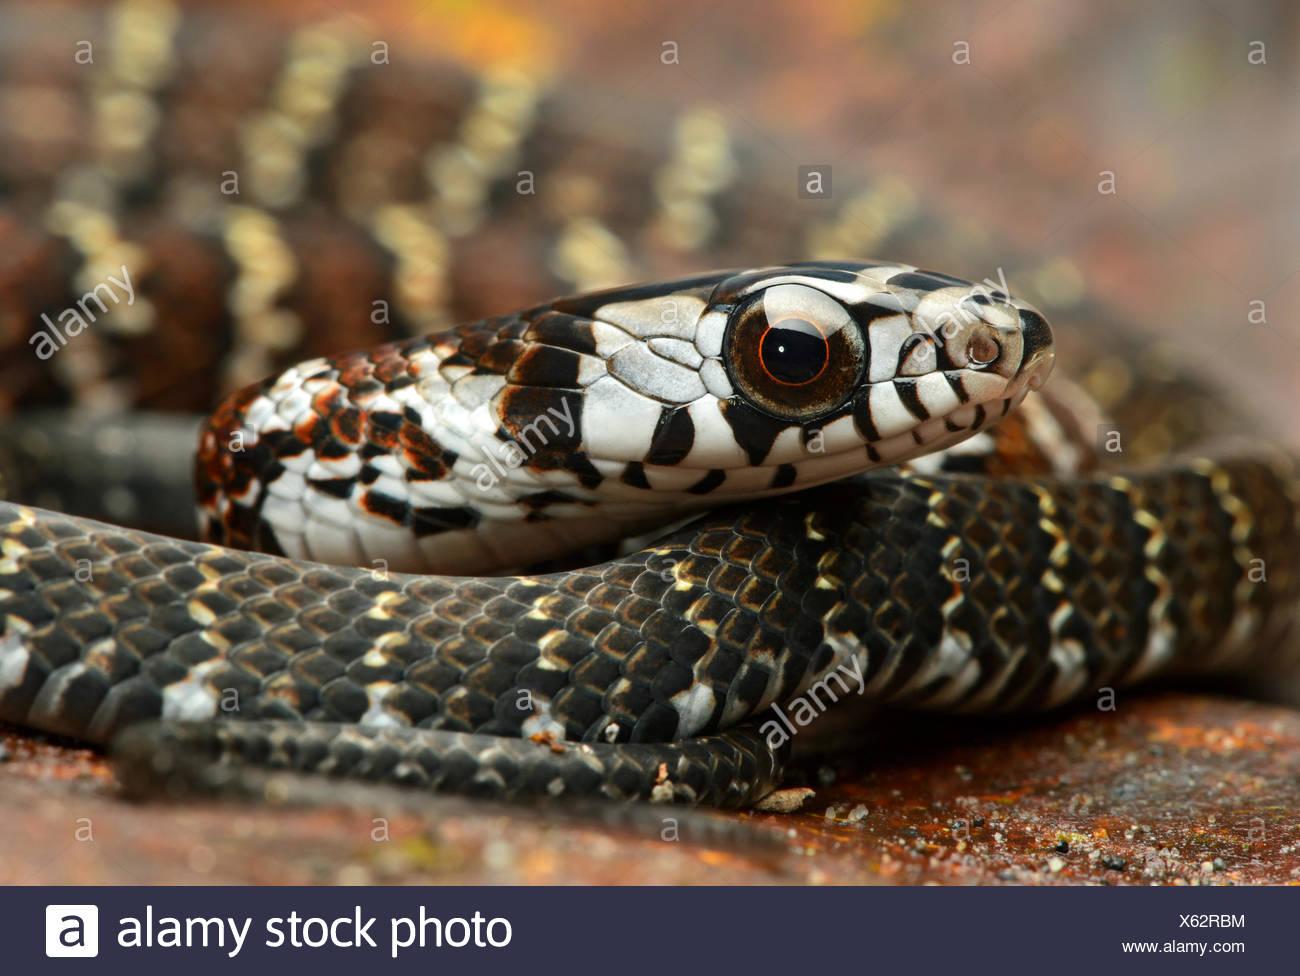 Forêt fauve Racer (Dendrophidion dendrophis), snake (Colubridae), Amazon rainforest, Parc national Yasuni, en Equateur Photo Stock